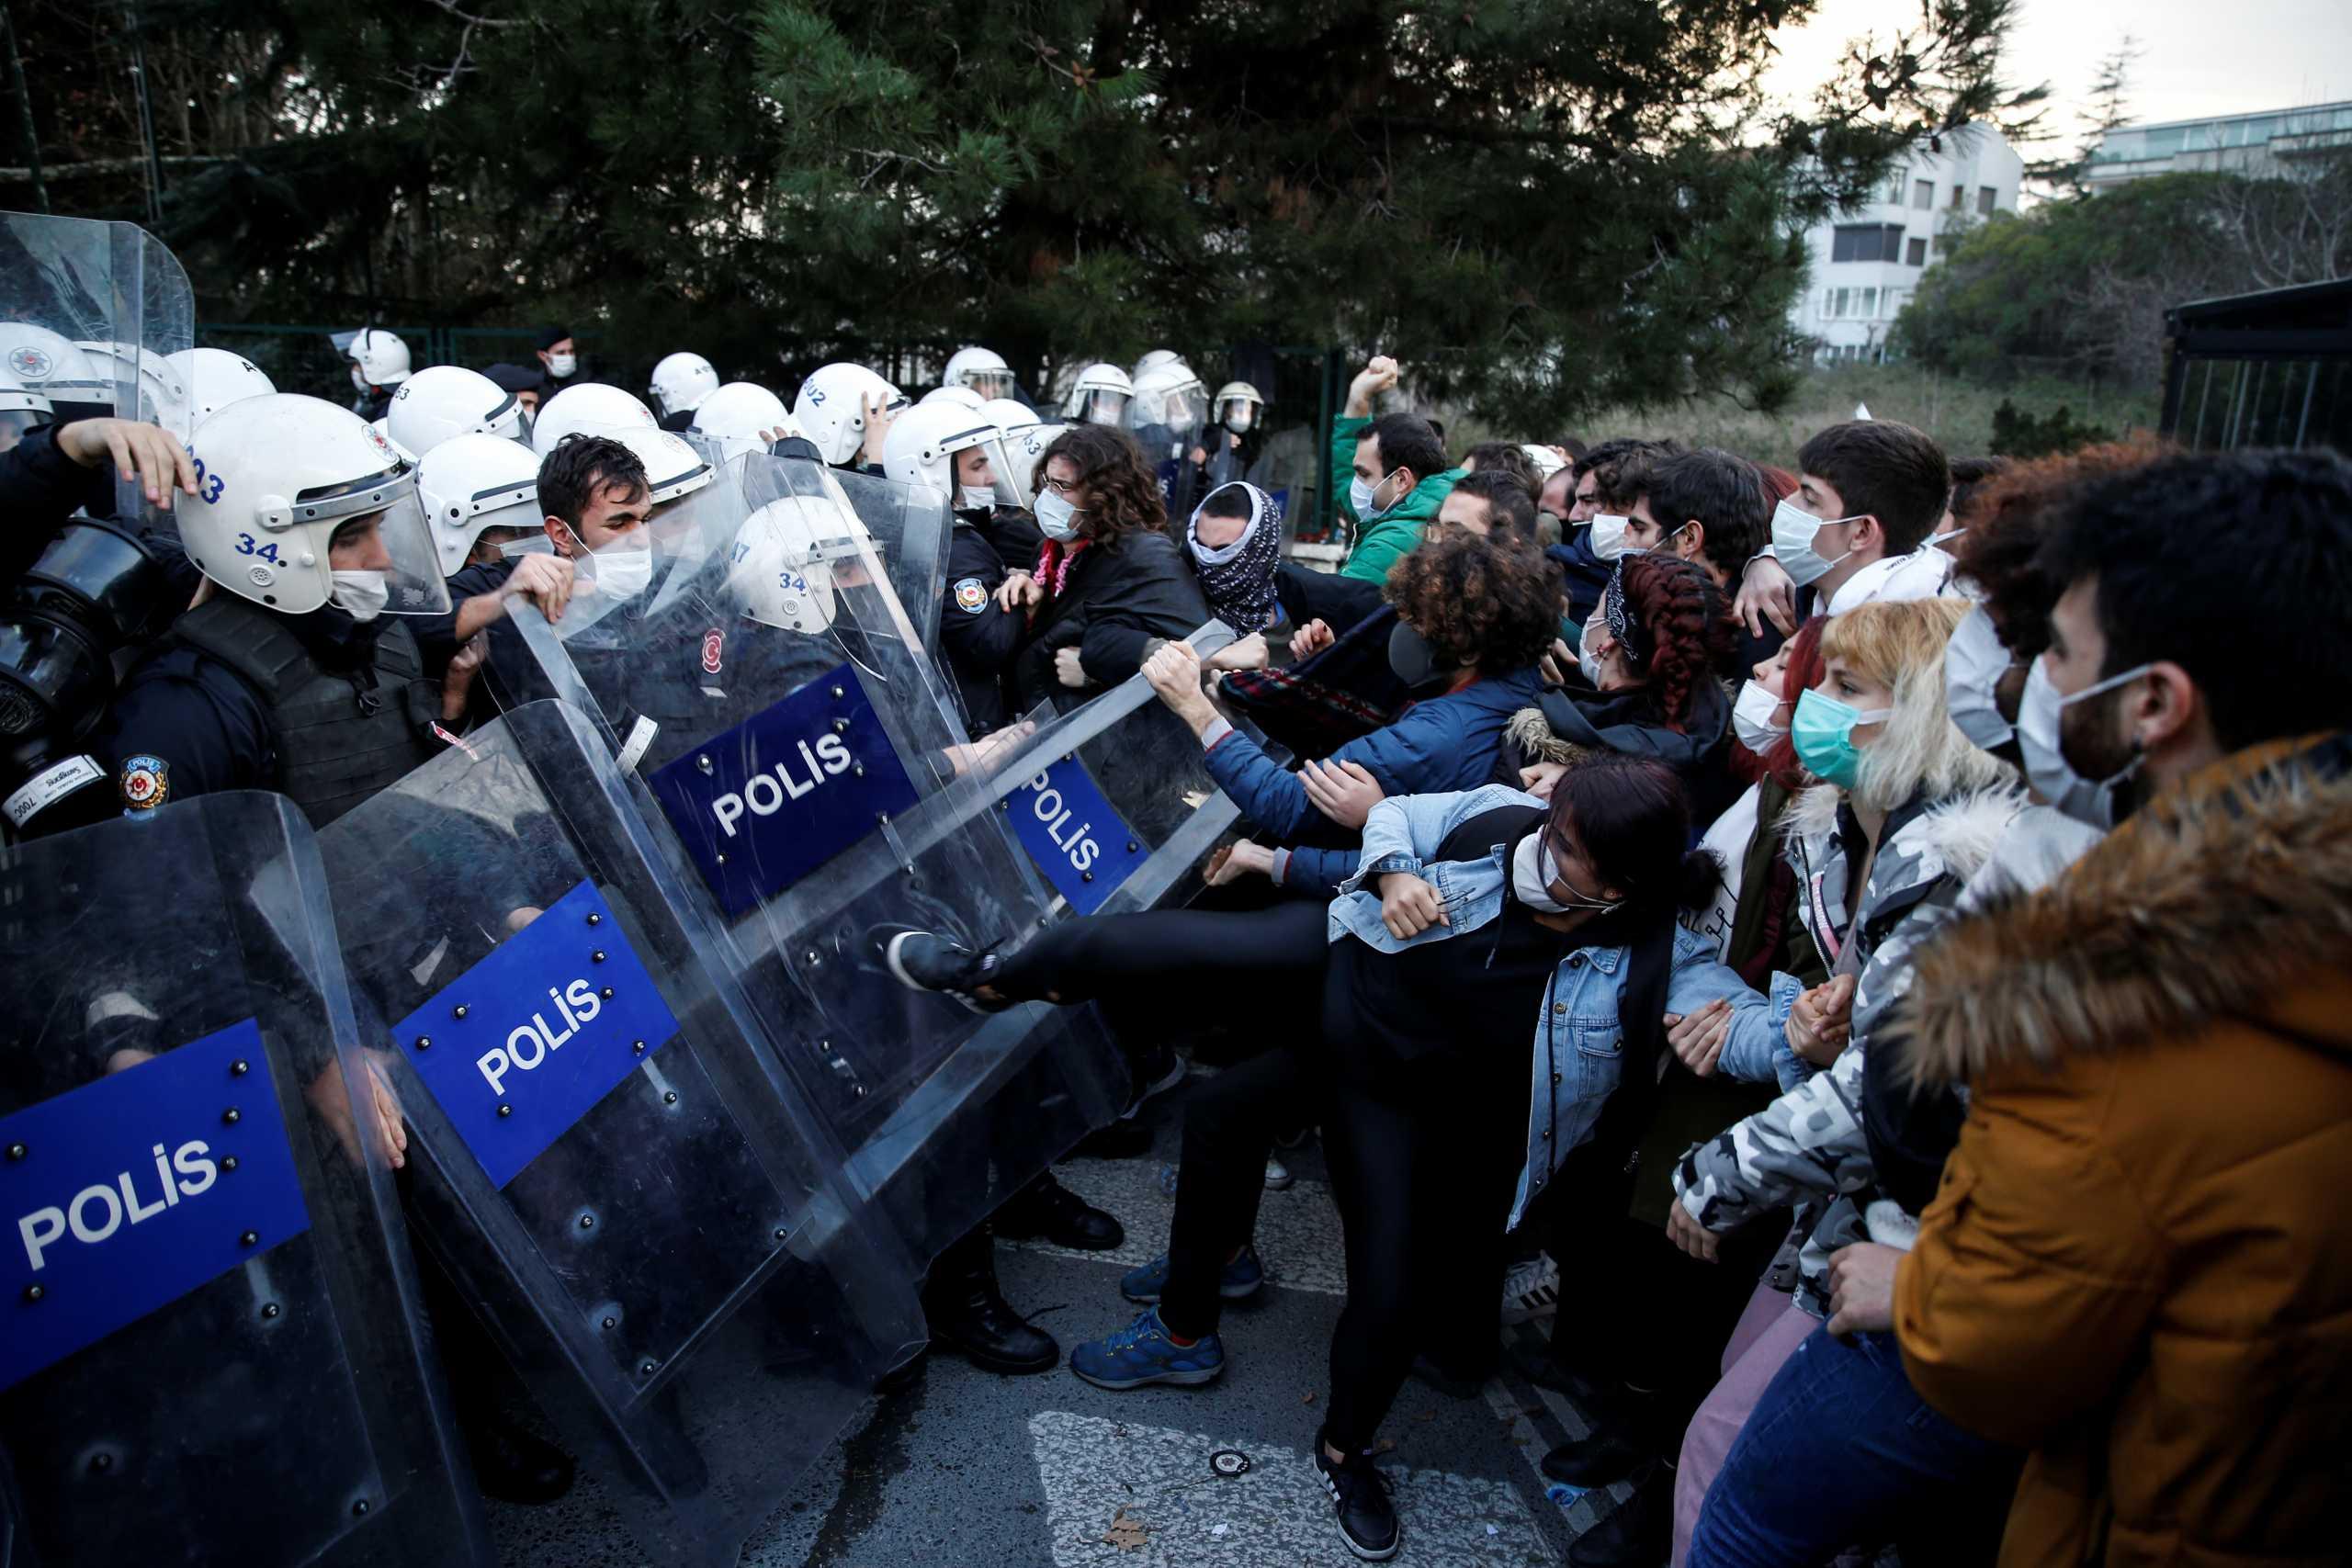 Κωνσταντινούπολη: 17 συλλήψεις για τη διαδήλωση κατά του προκλητικού διορισμού πρύτανη